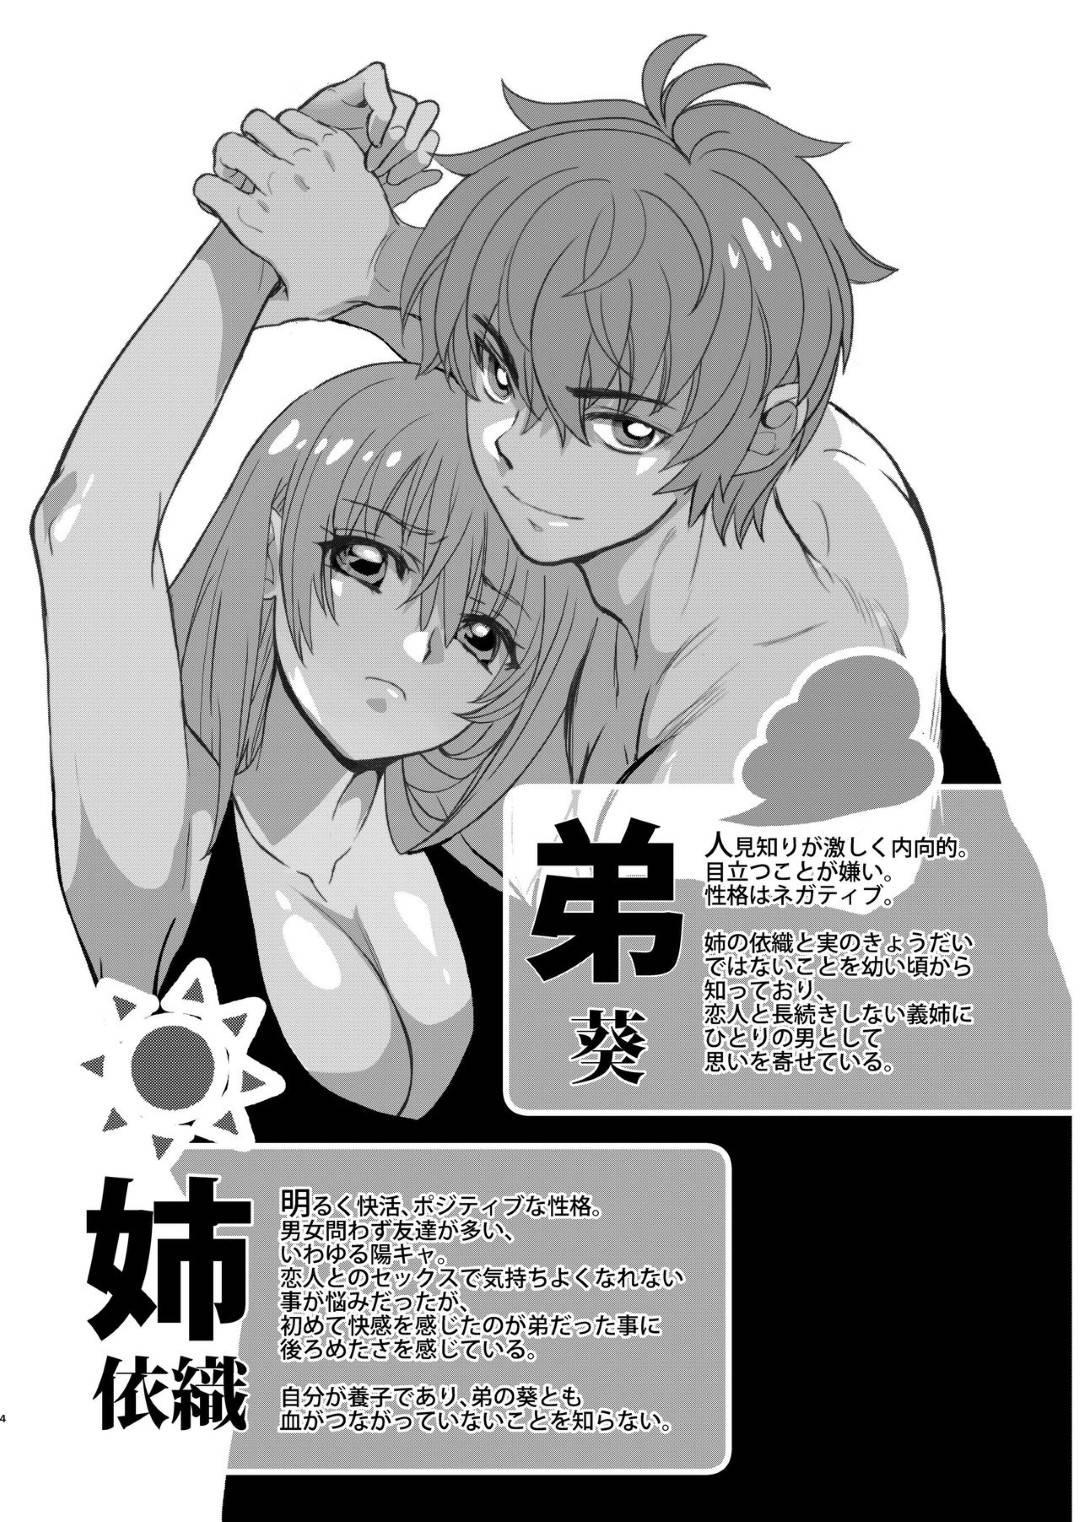 【エロ漫画】彼氏がいるにも関わらず根暗な弟と一線を越えてしまった巨乳姉。そんな弟とビーチに訪れた姉だったが、ビキニ姿を彼に欲情されてしまいシャワー室へと連れ込まれてまたまた近親相姦してしまう!